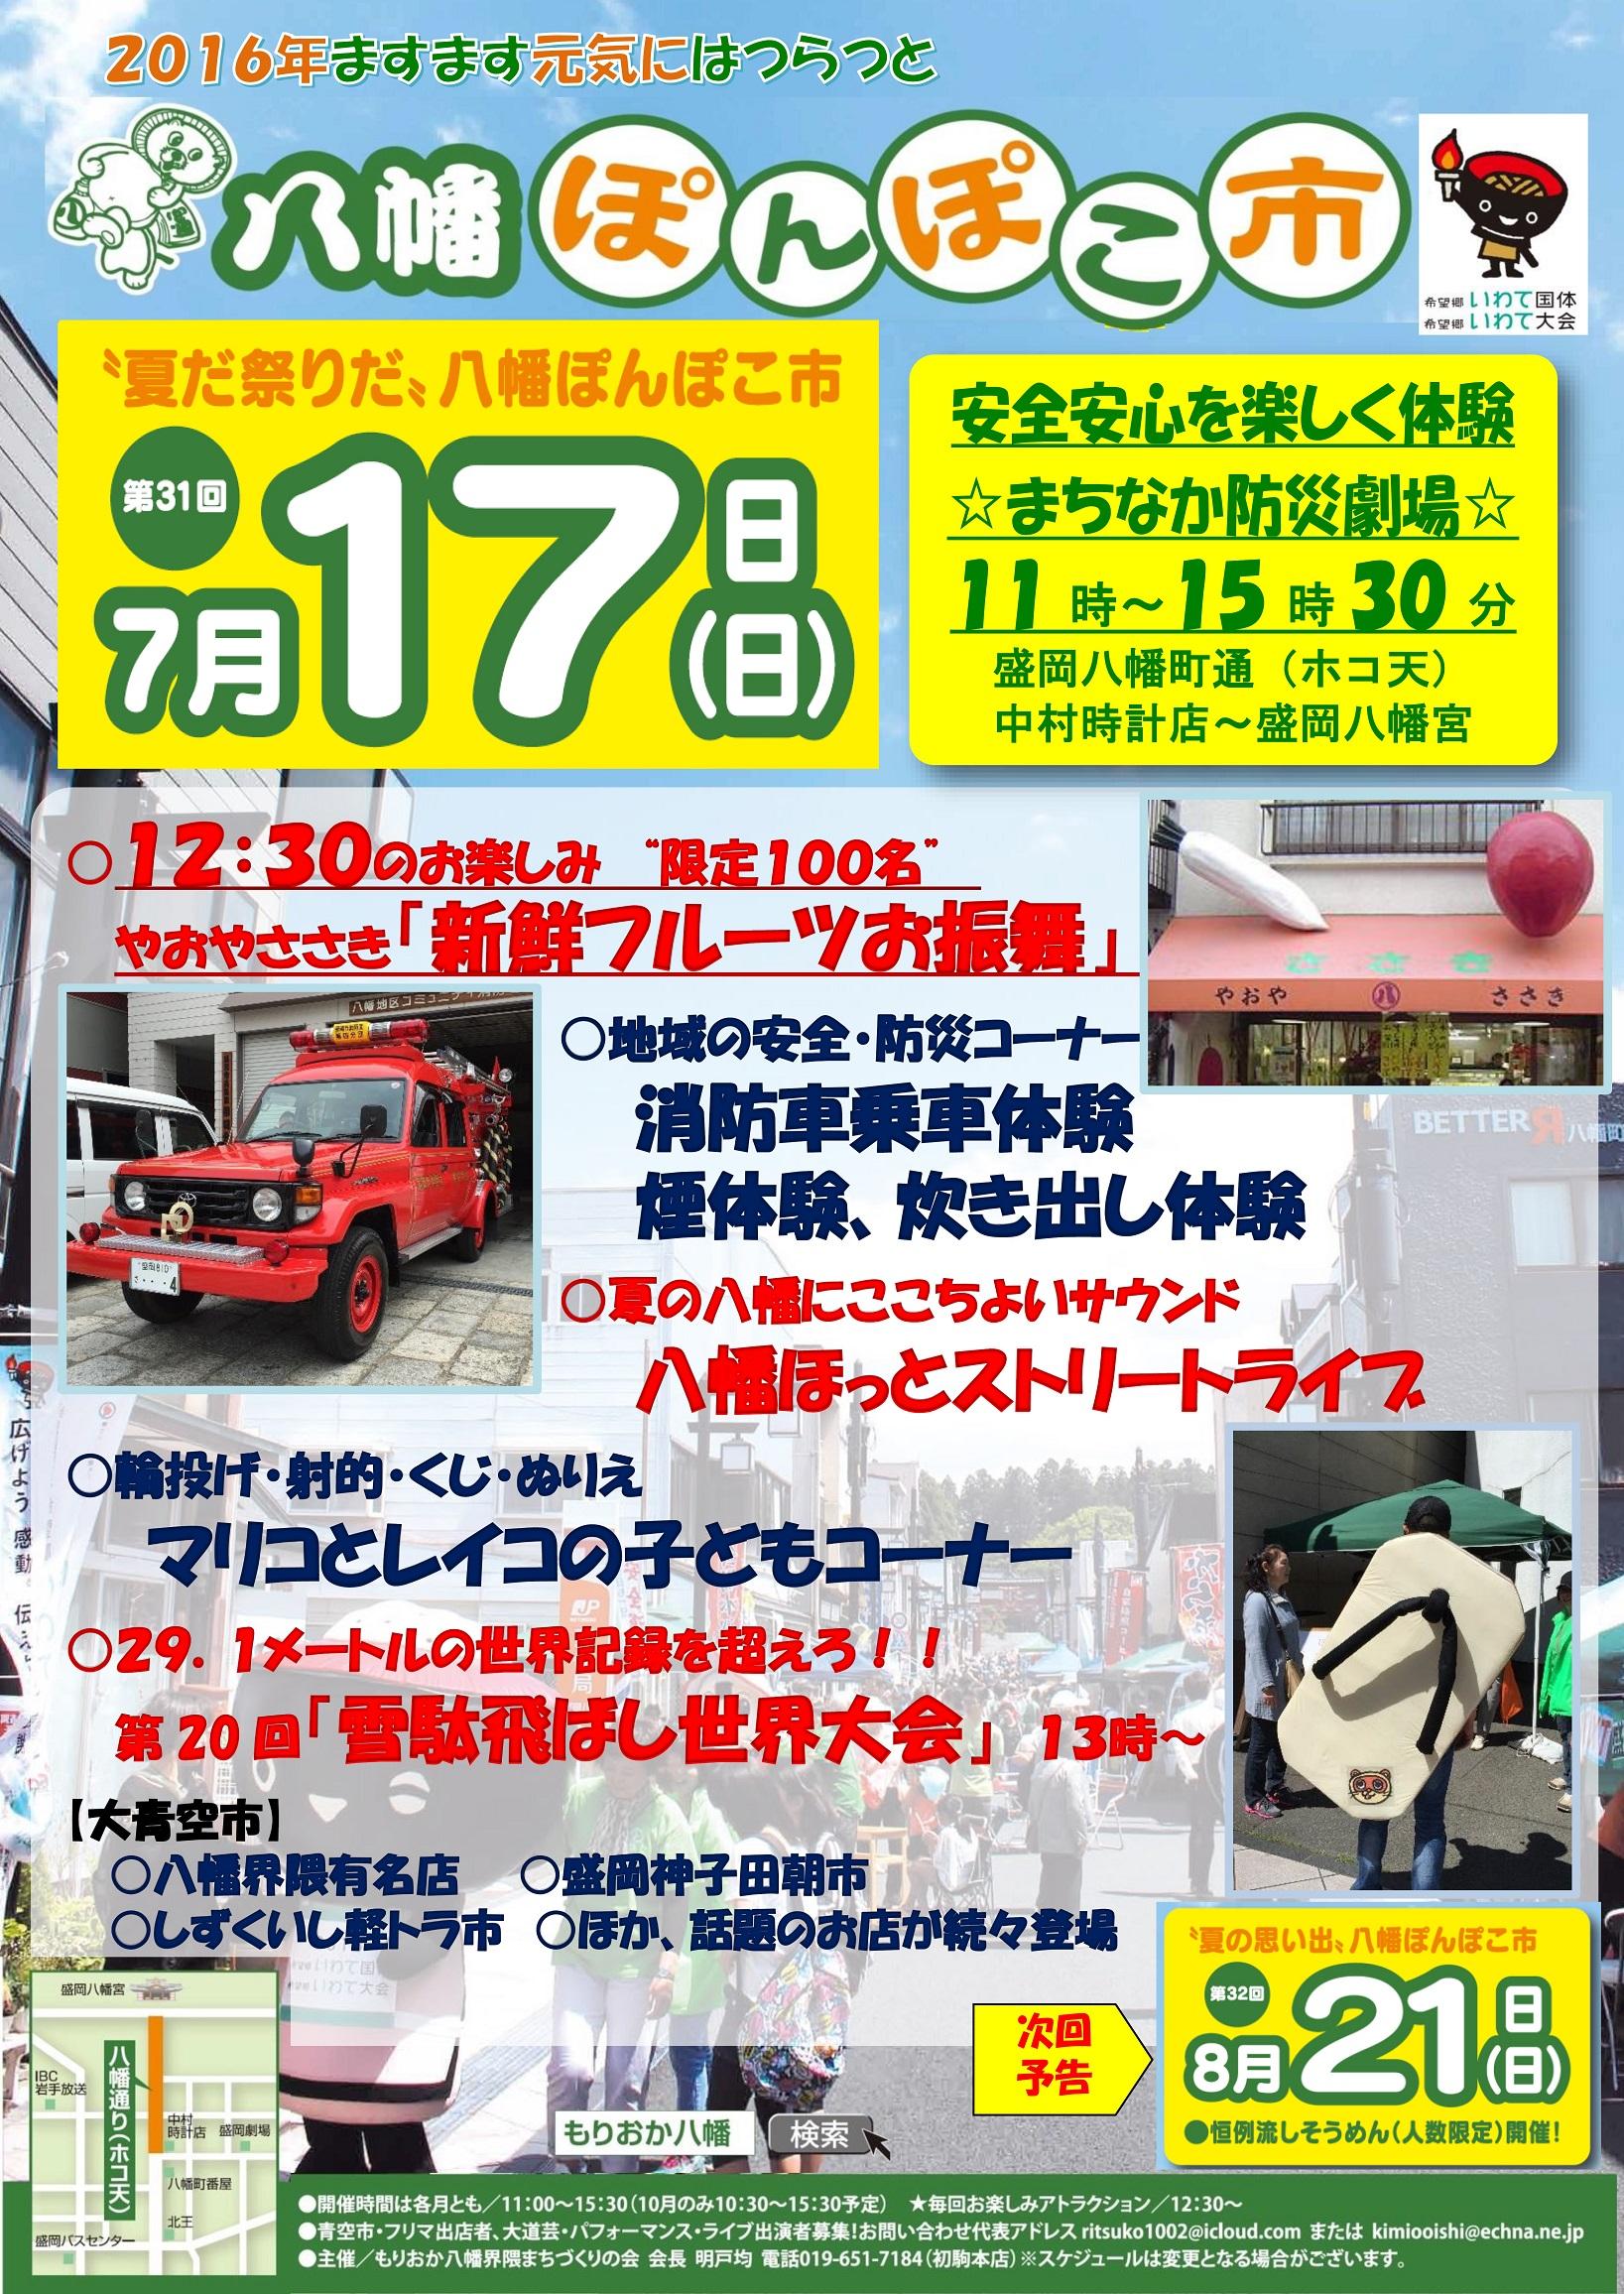 280717八幡ぽんぽこ市ミニポスター小サイズ